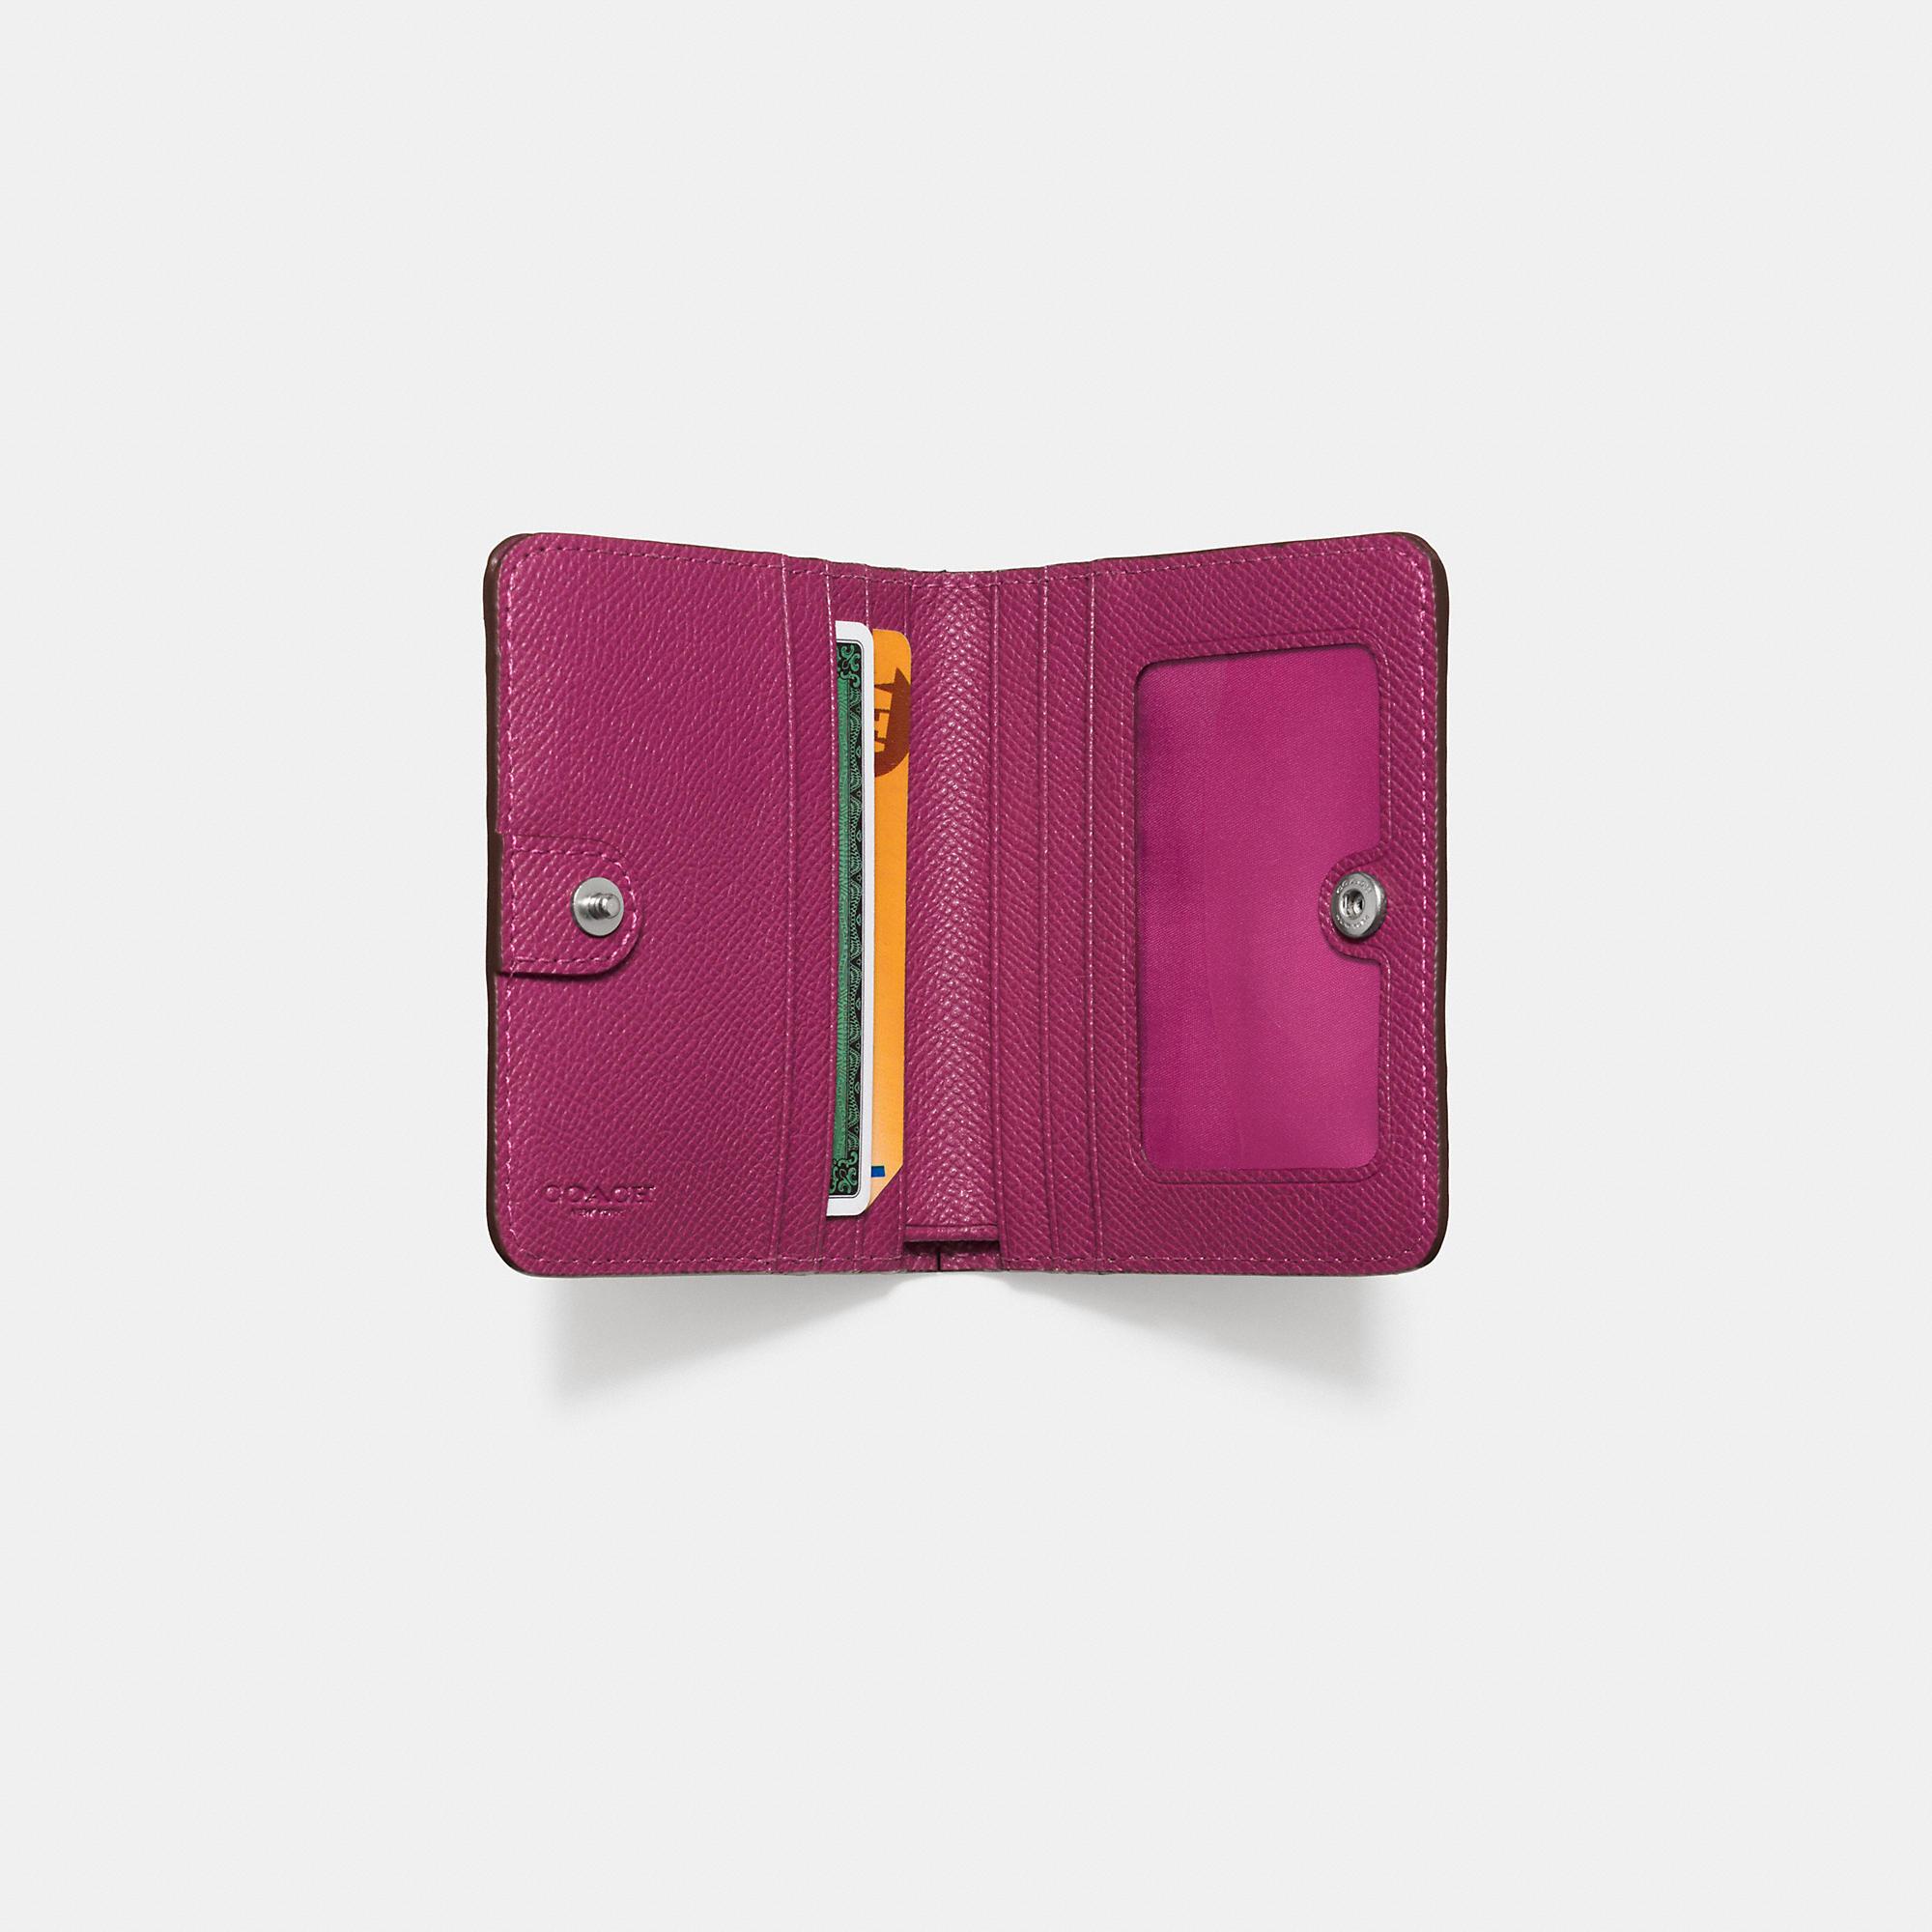 d3136cec18e COACH Small Wallet In Edgestain Leather in Purple - Lyst